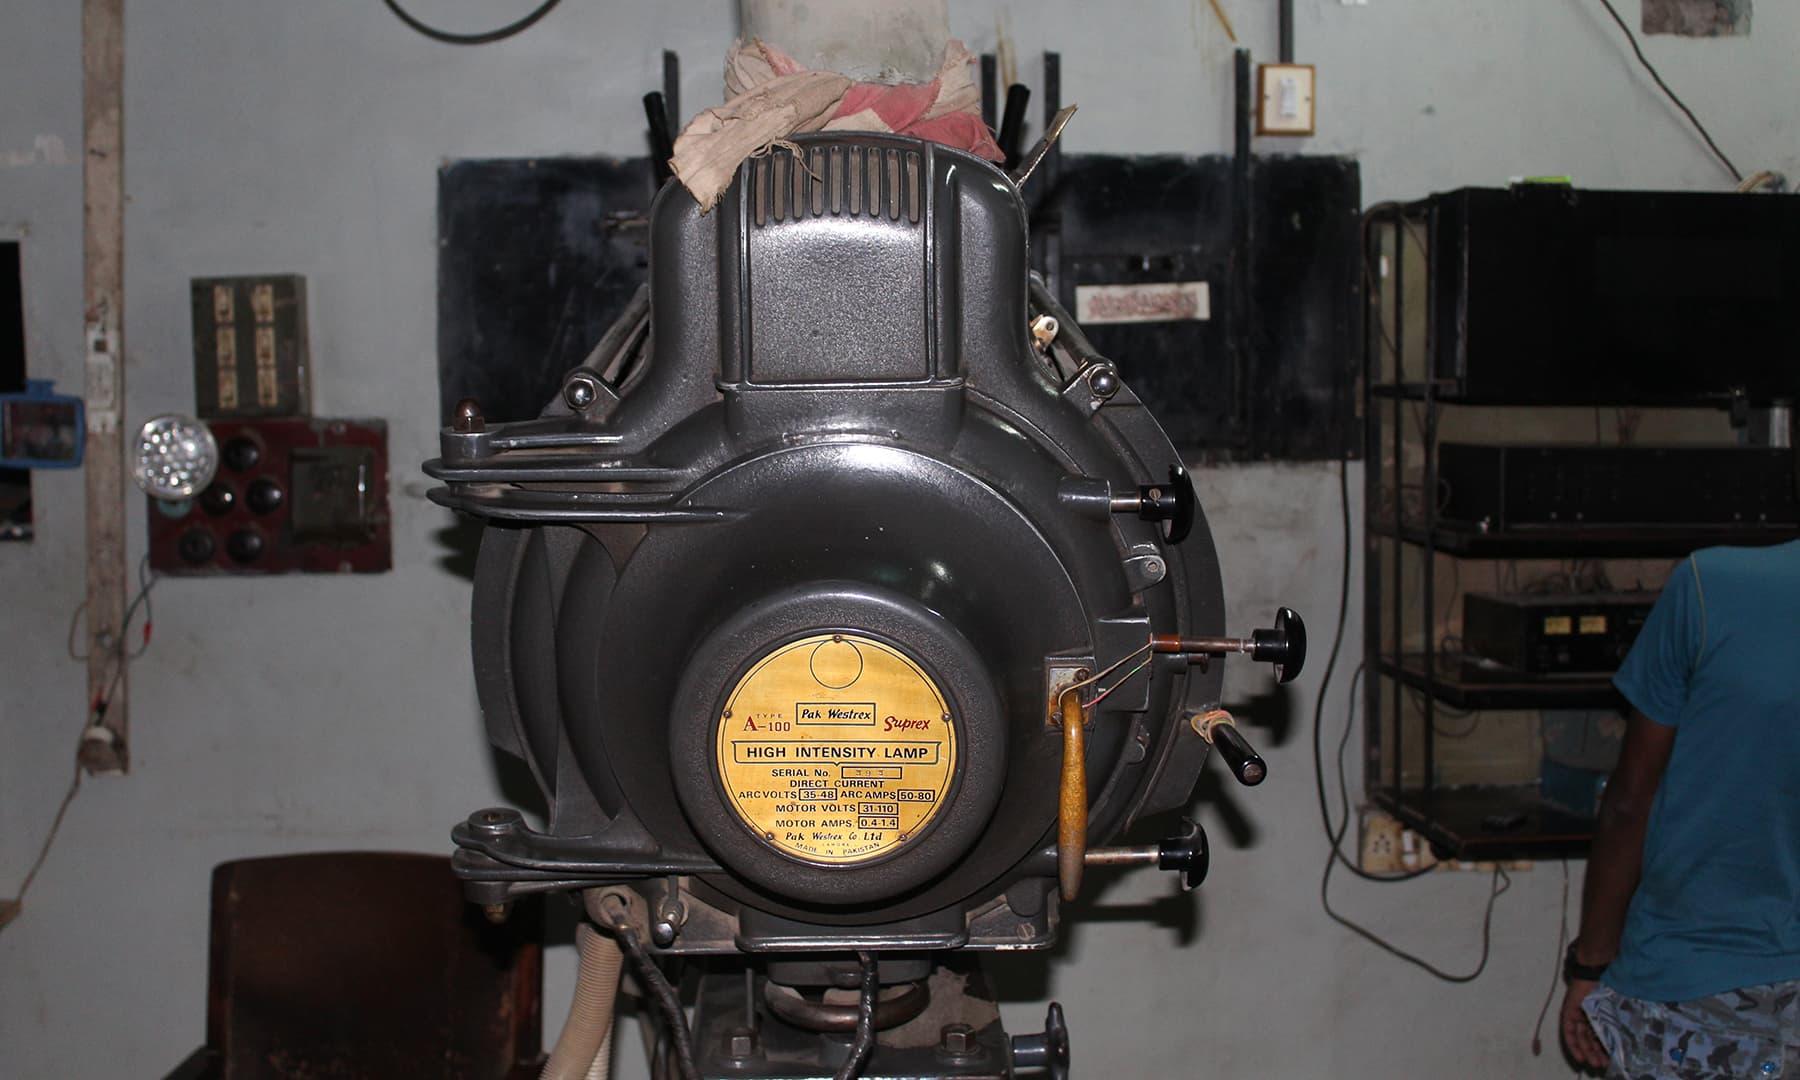 پروجیکٹر پر ریل چڑھا کر فلم کو بڑے پردے پر پیش کیا جاتا تھا مگر اب اس کا استعمال نہیں کیا جاتا—تصویر اختر حفیظ